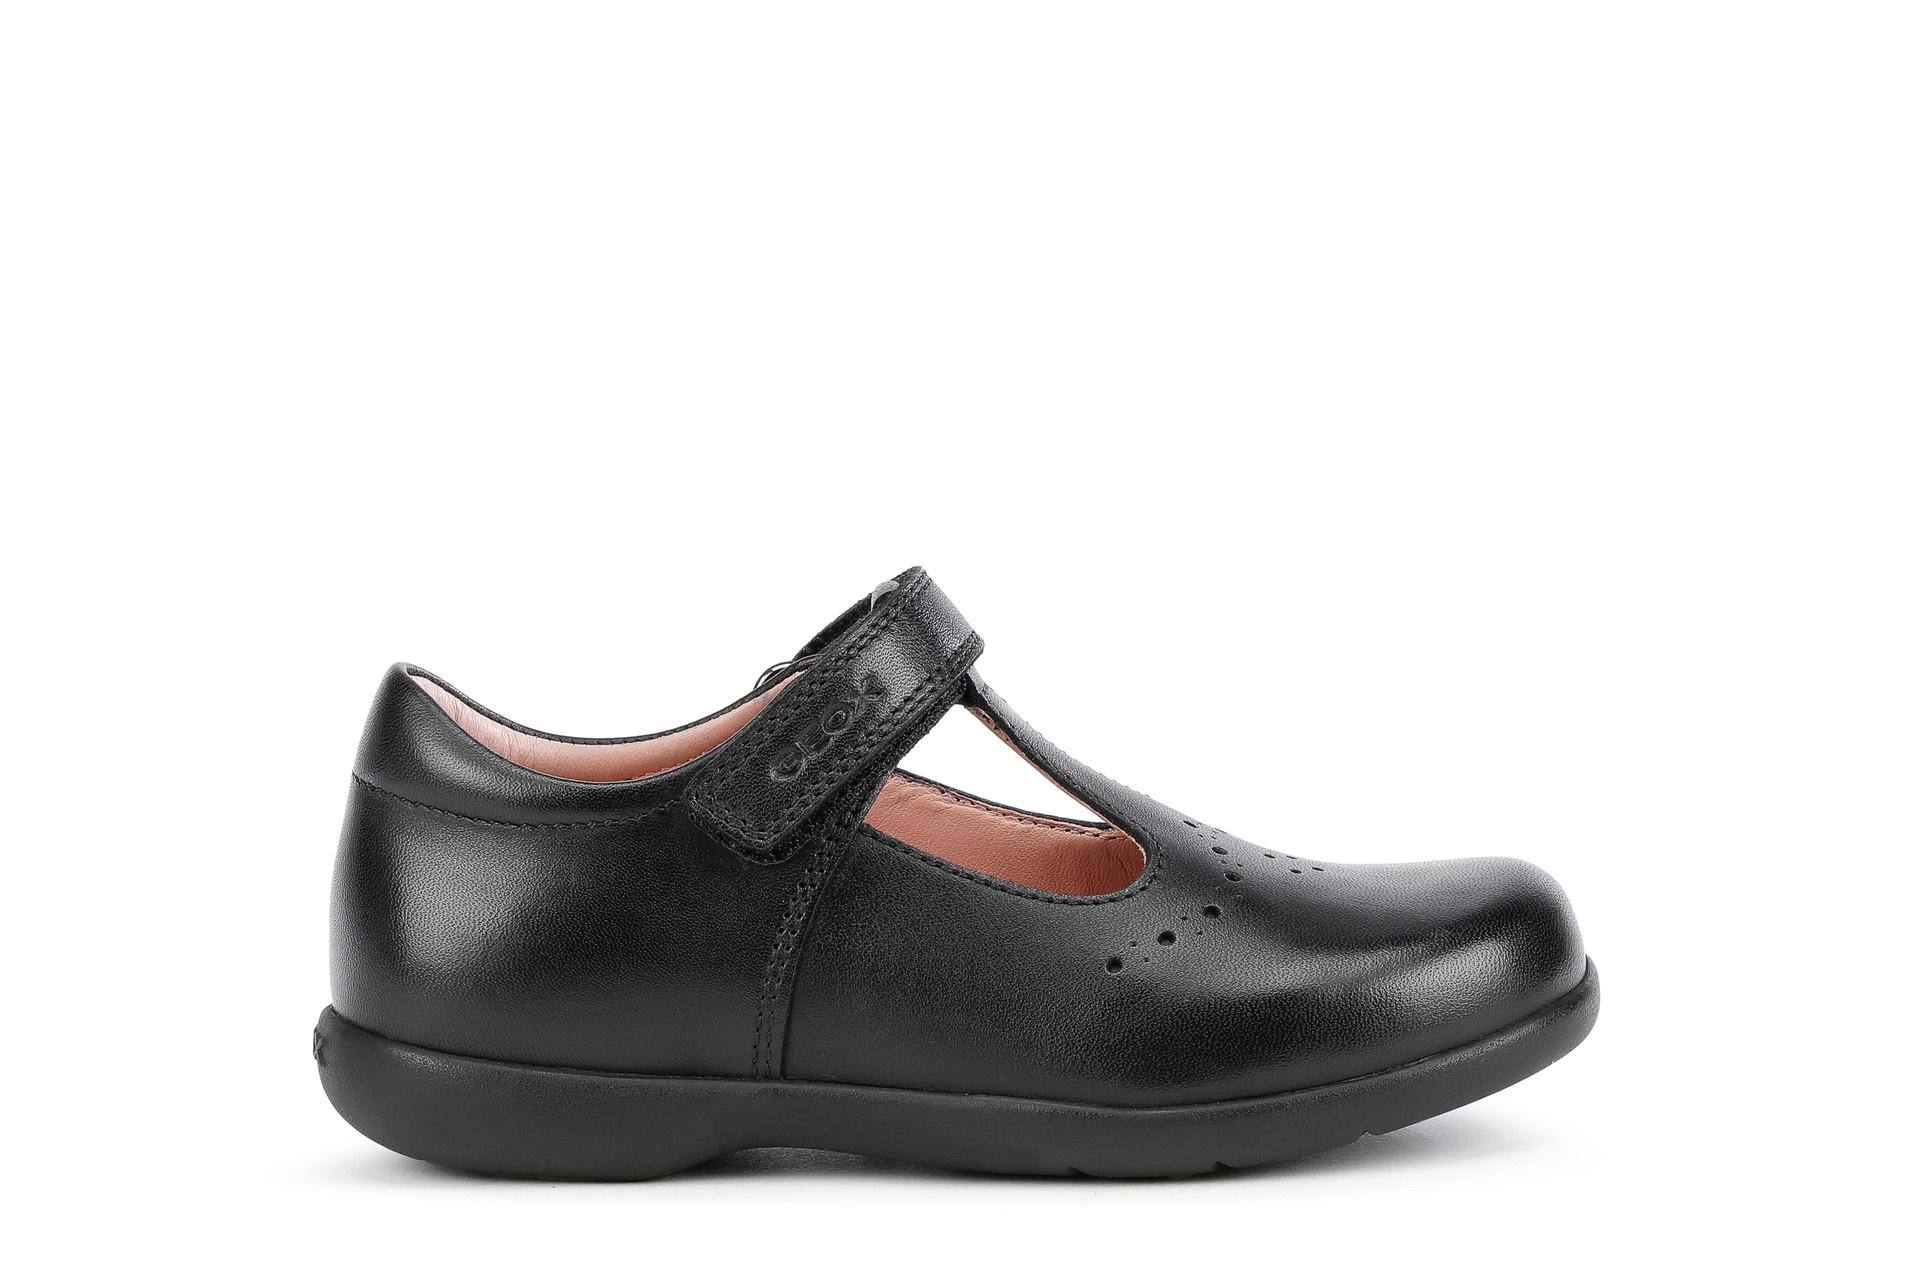 Geox Naimara Leather